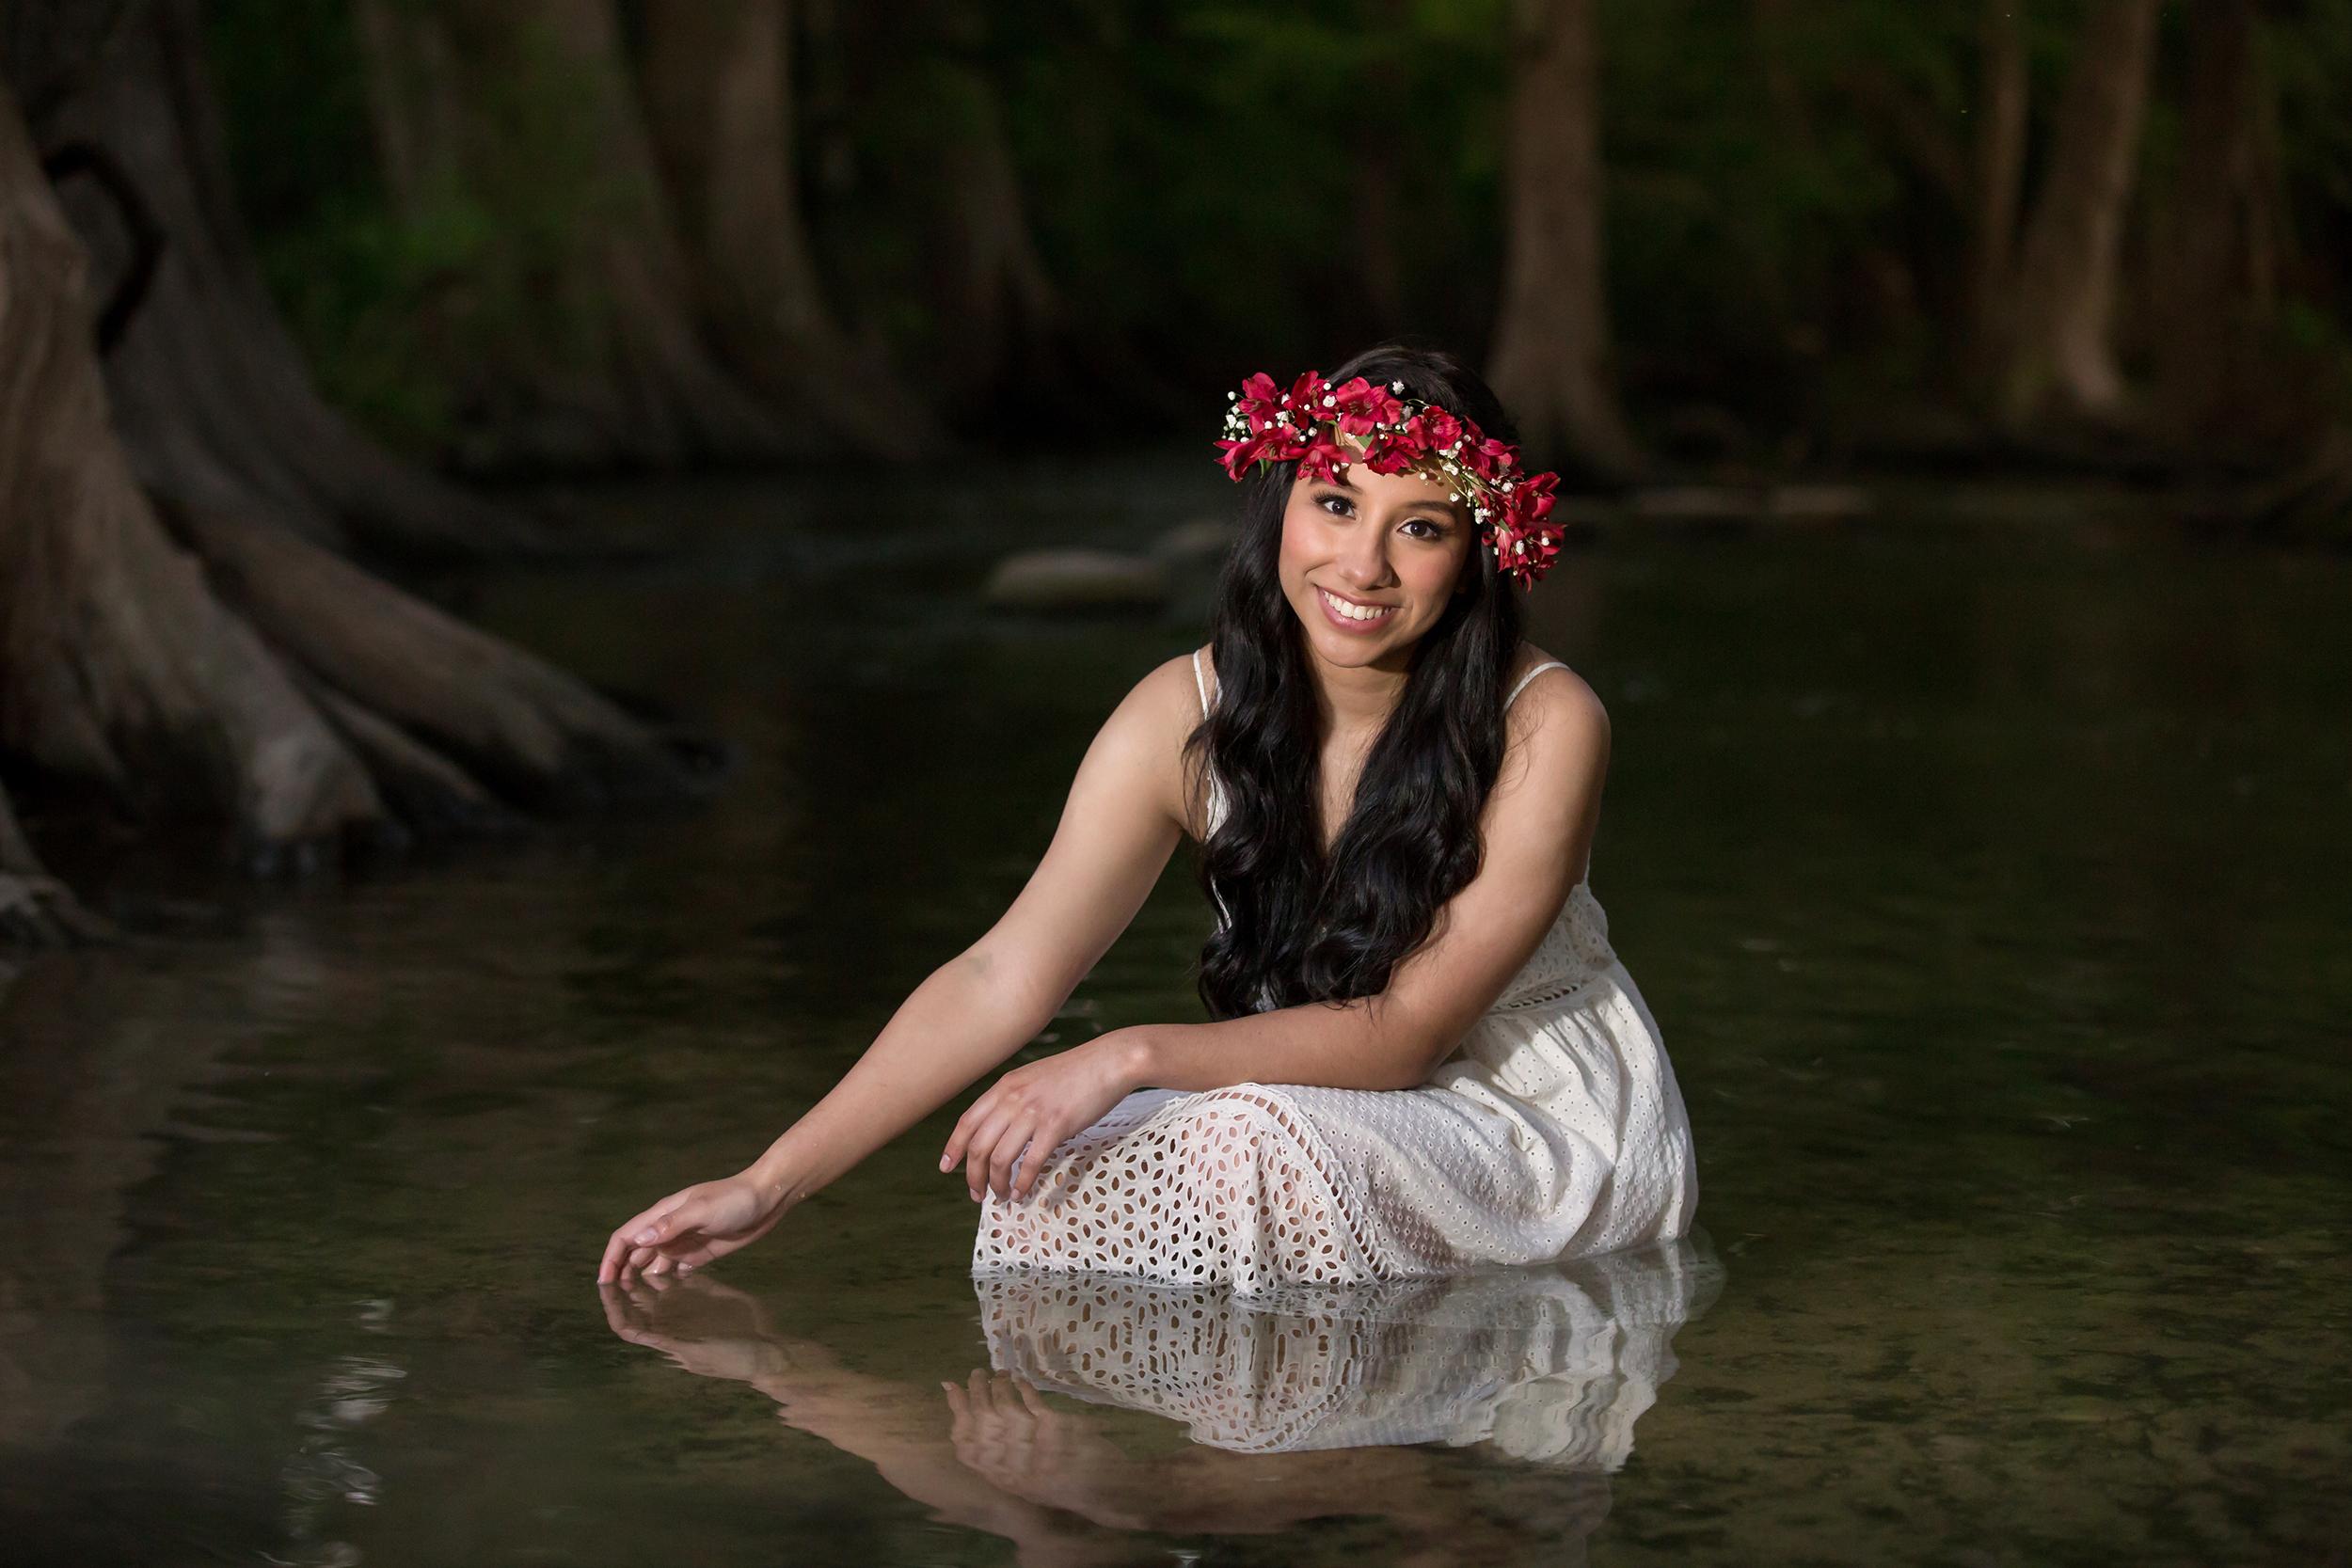 Senior-girl-flower-crown-white-dress-sitting-river.jpg